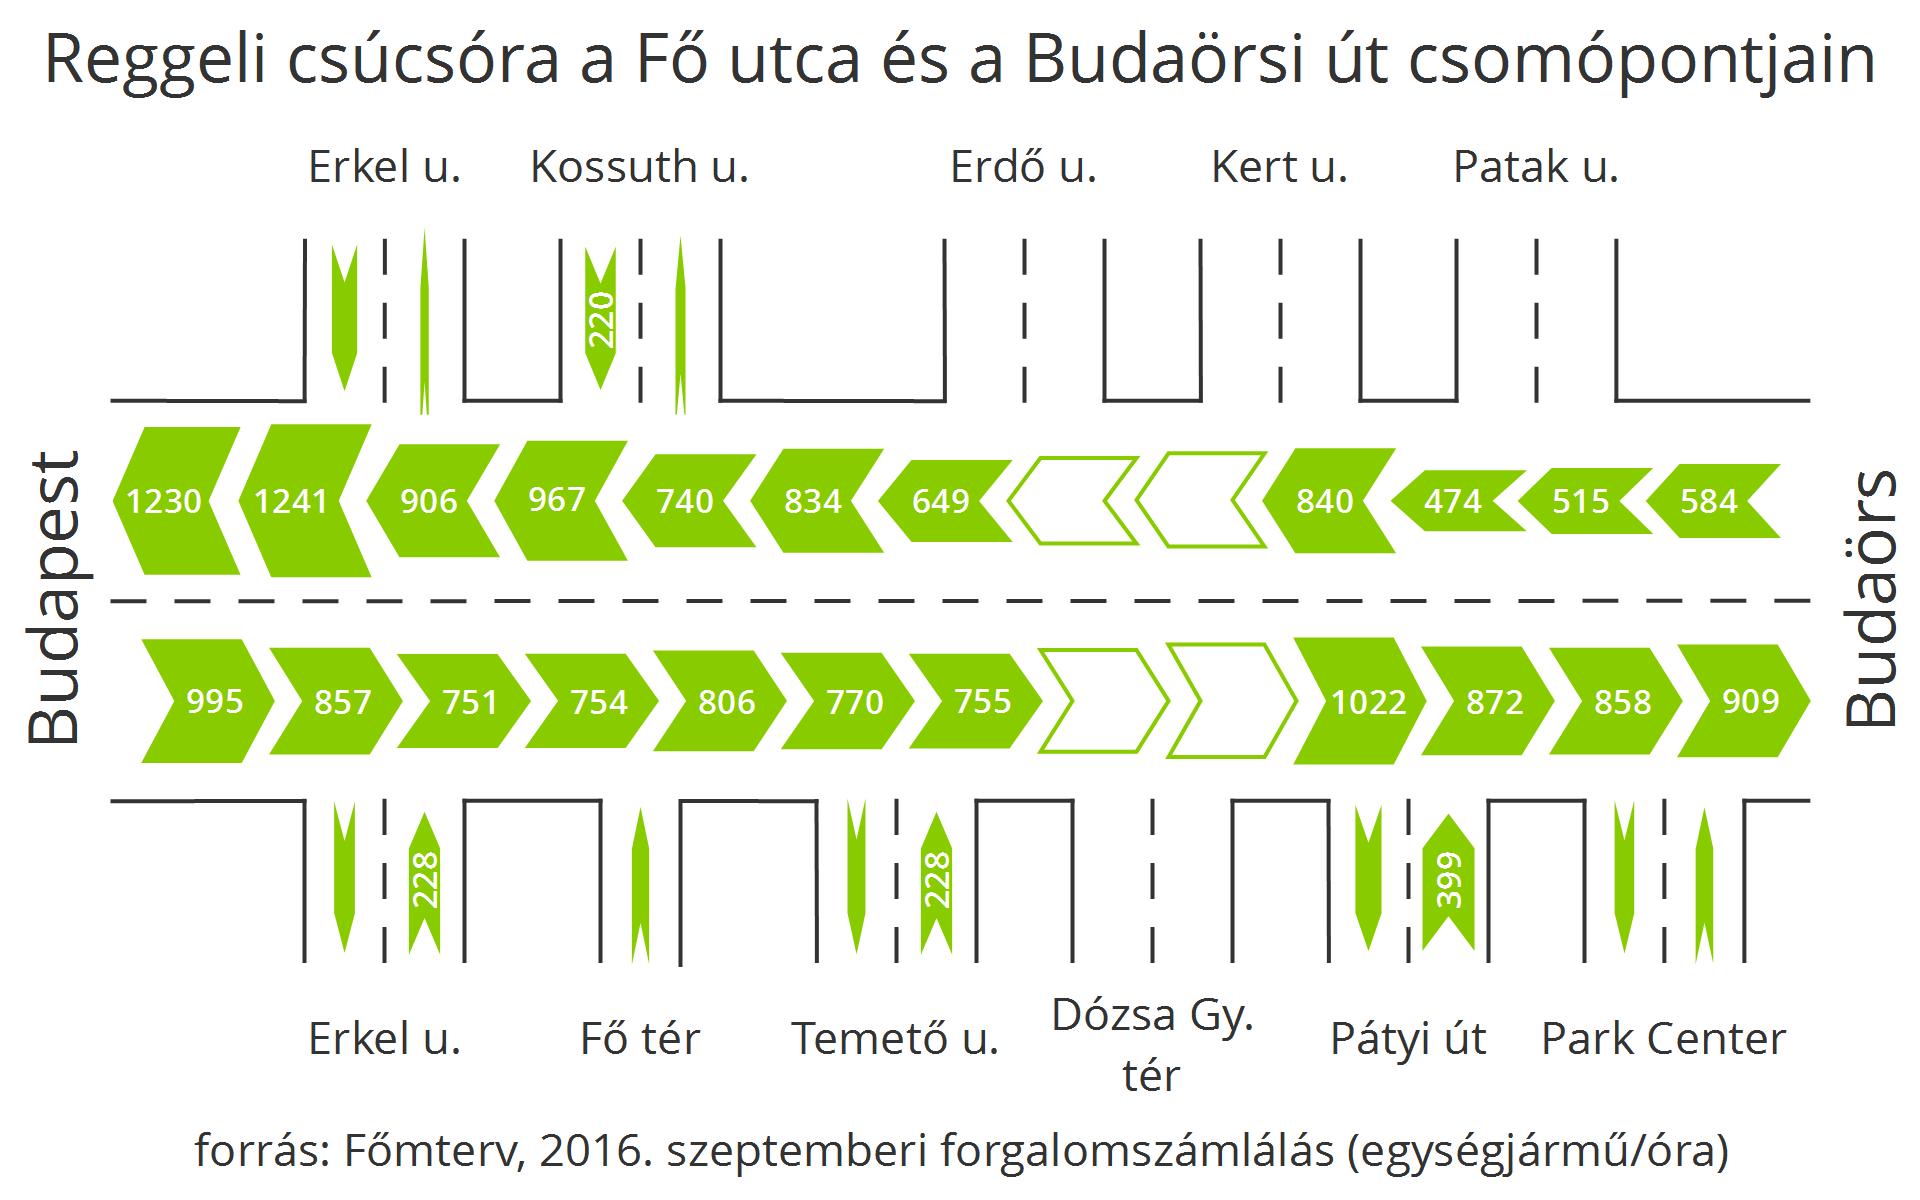 A reggeli csúcsórában a Budakeszin belüli ráhordásokat 220-230 E/h-ban maximálják a Fő utcán haladók és a jelzőlámpás kereszteződések, de az elsőbbséget élvező Pátyi út felől 400 E/h is befér.